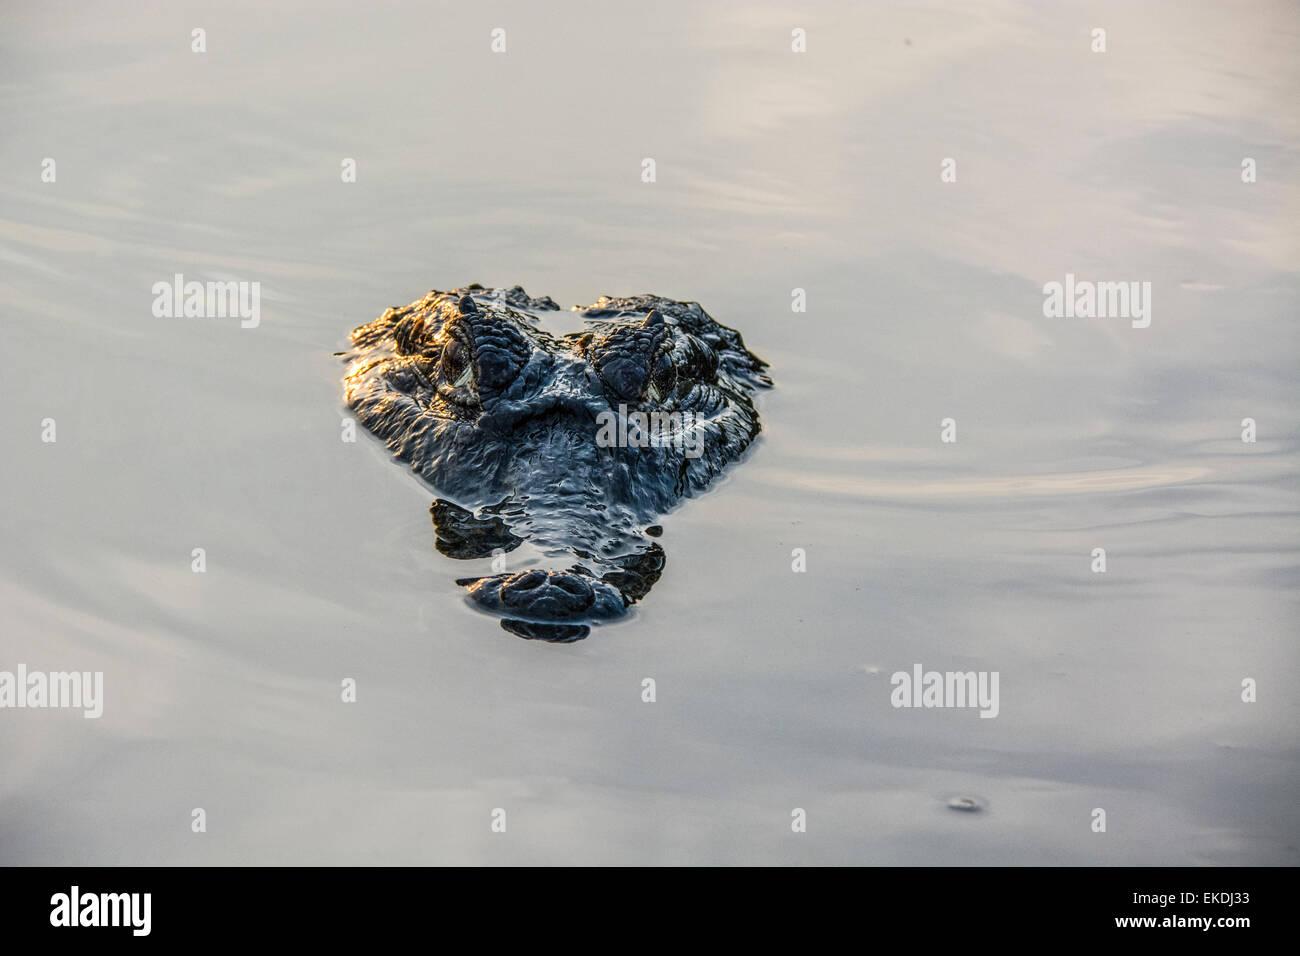 Unheimliche Kopf ein Yacare Caiman, Caiman Crocodilus Yacare, in einem Fluss im Pantanal, Mato Grosso, Brasilien, Stockbild